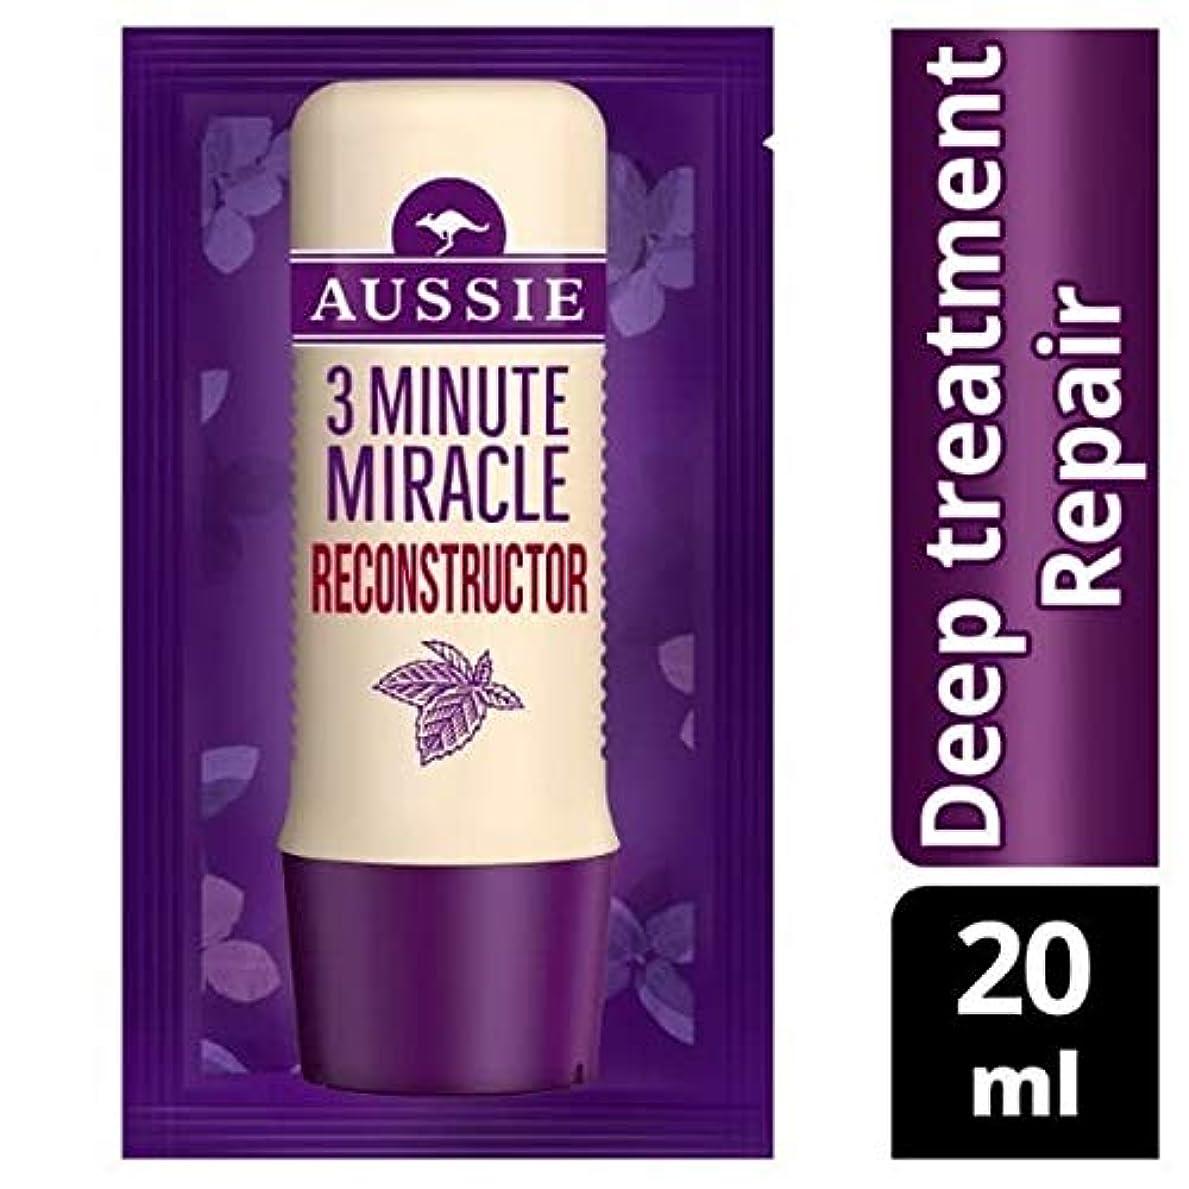 軽減あいまいさ願望[Aussie ] オーストラリアの深い治療3分の奇跡の再構成の20ミリリットル - Aussie Deep Treatment 3 Minute Miracle Reconstructor 20ml [並行輸入品]